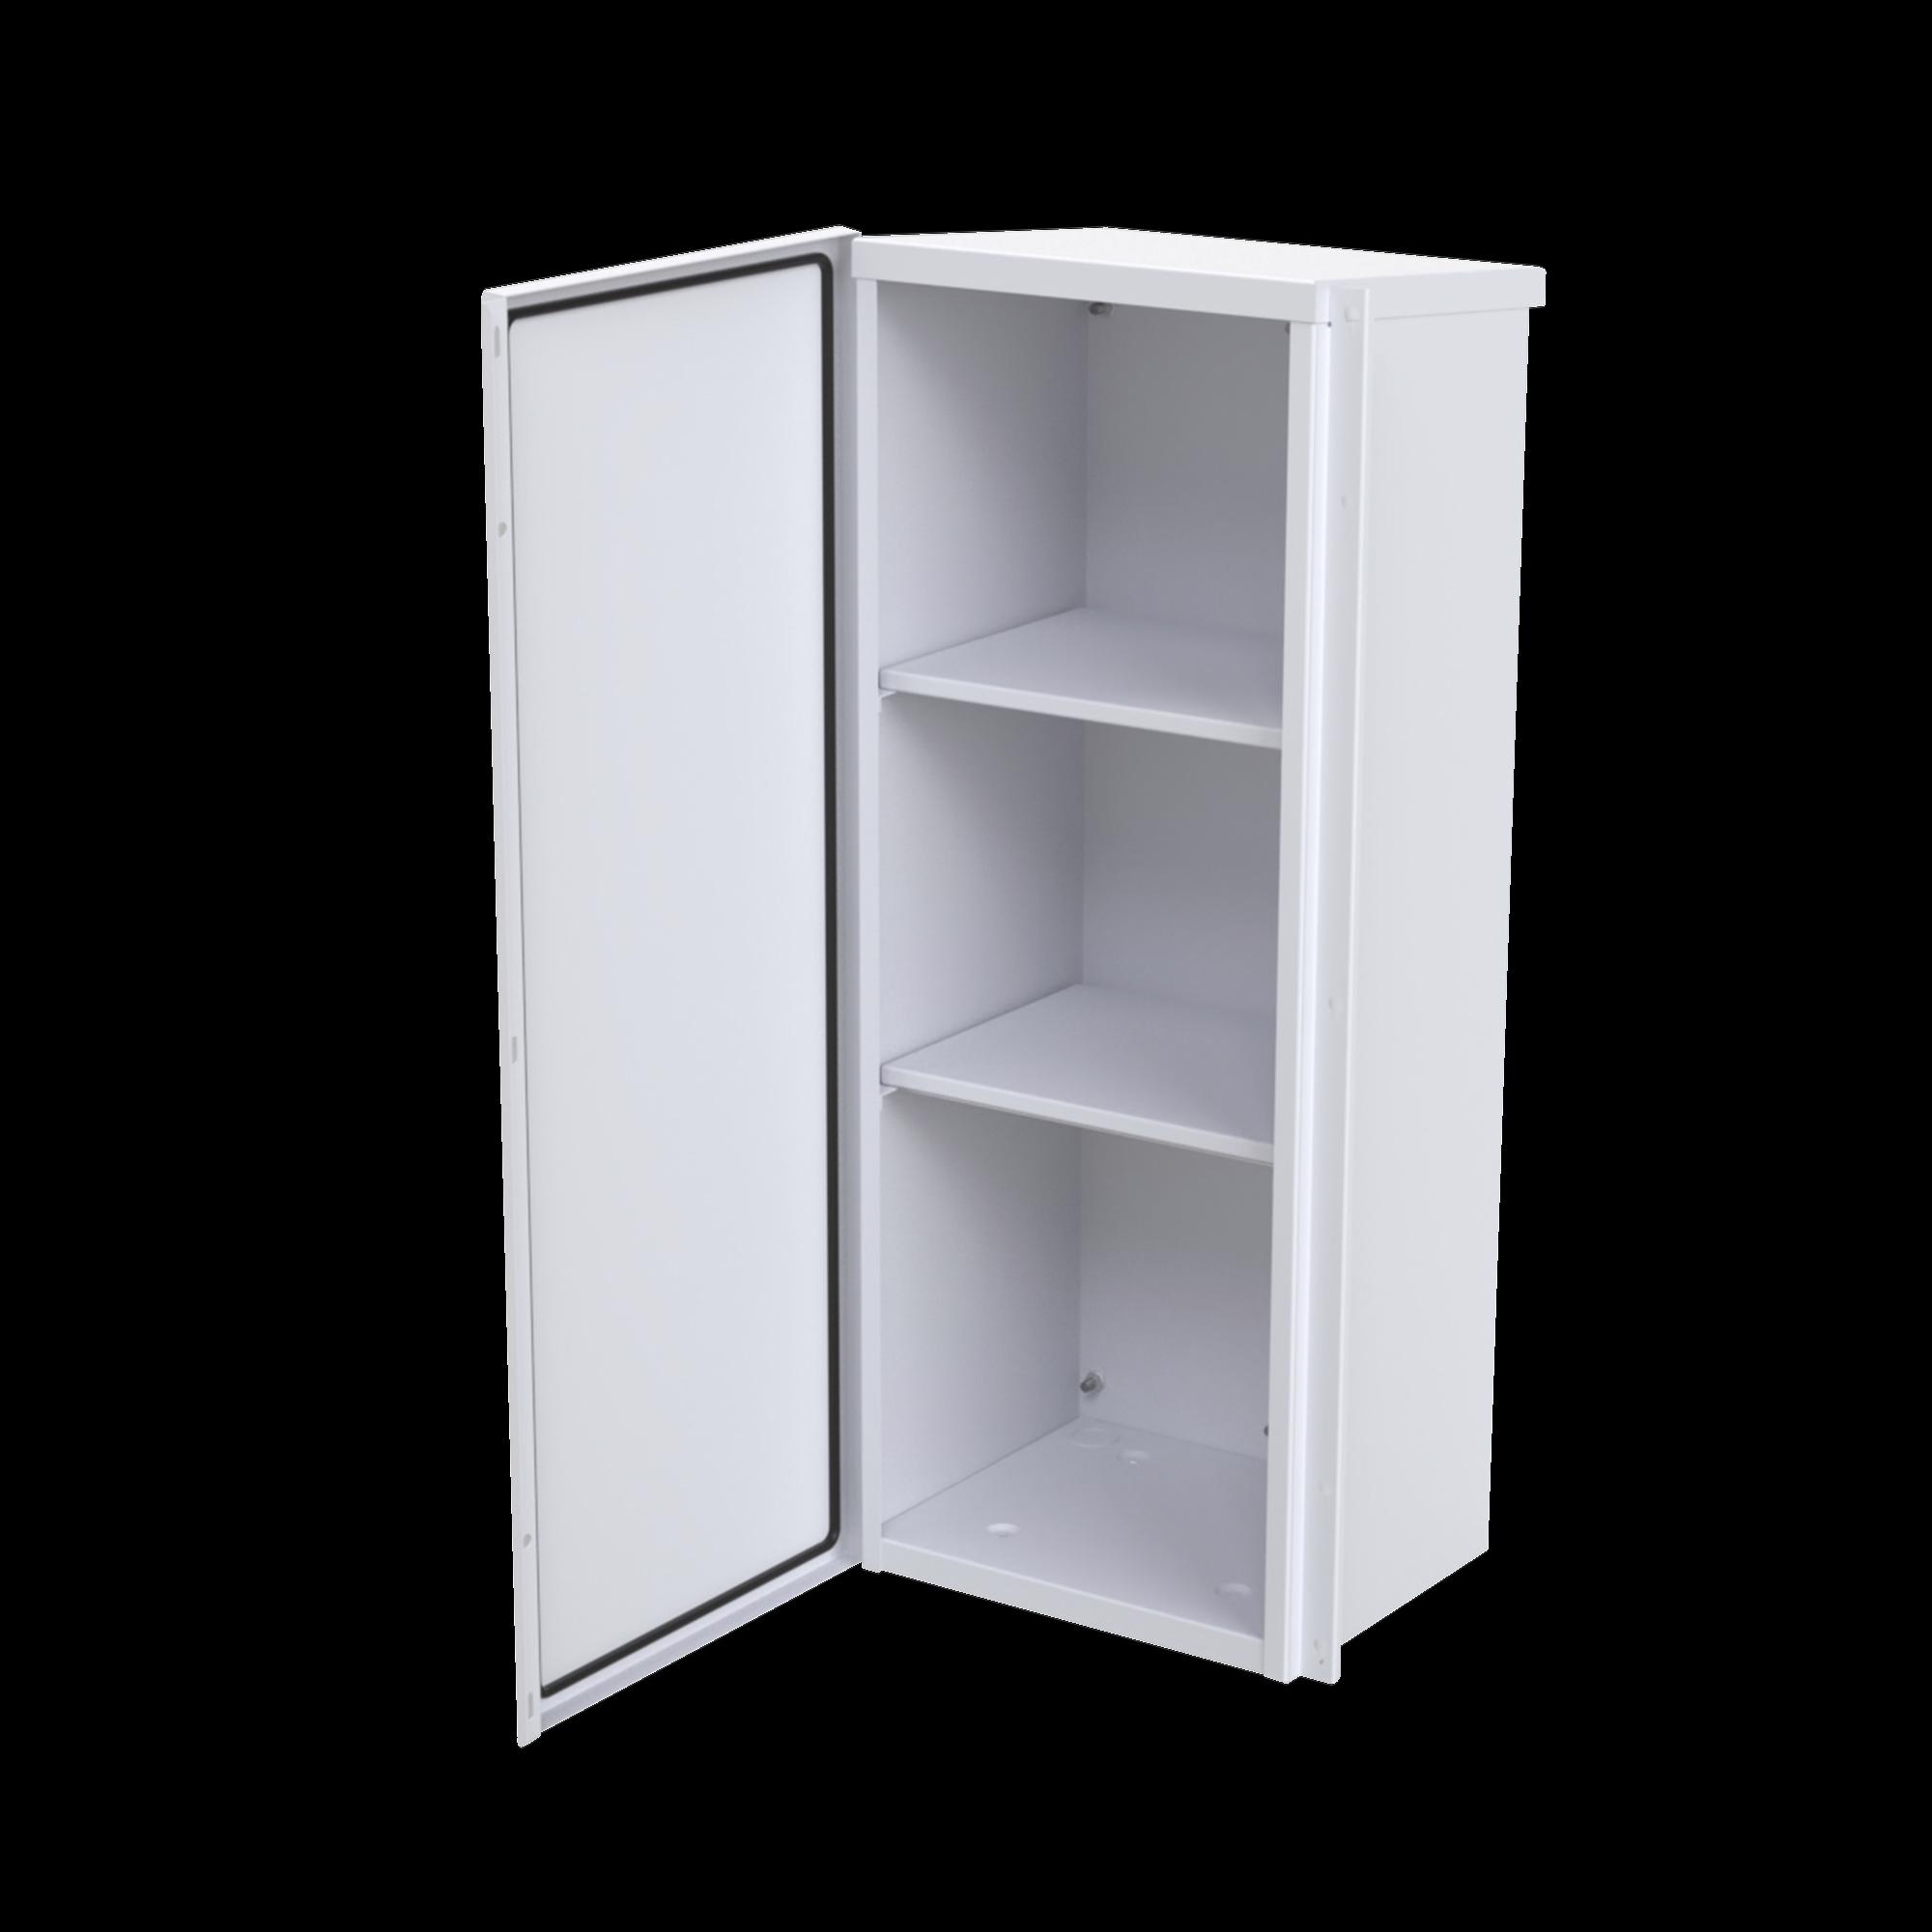 Gabinete Acero Galv. para 3 Bat. PL110D12. Puerta Sin Ventilacion. Acc. de piso o poste No incluidos (400 x 1060 x 300mm).